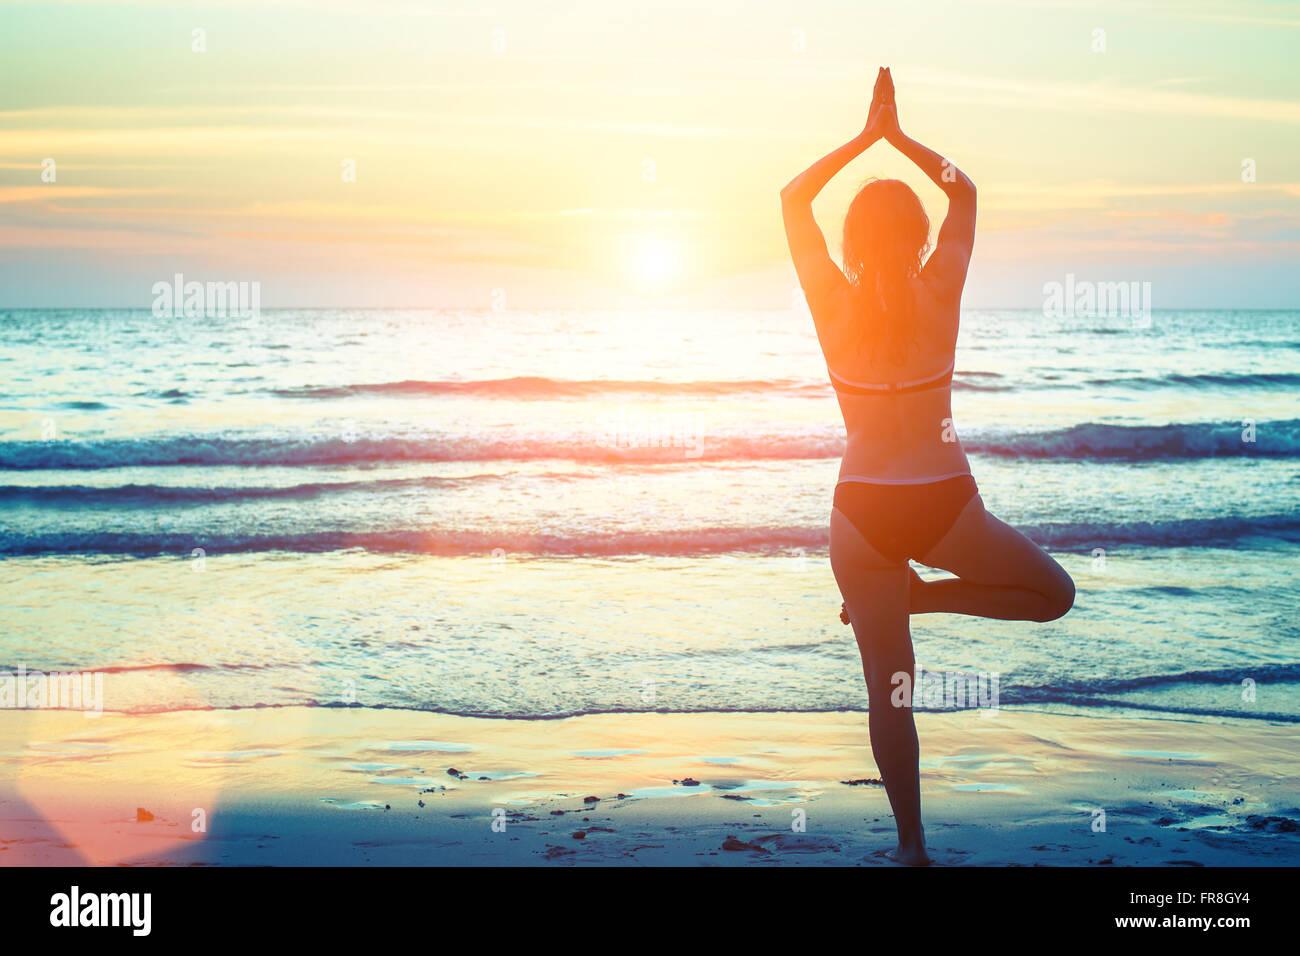 Silueta de mujer de yoga en la playa al atardecer. Imagen De Stock